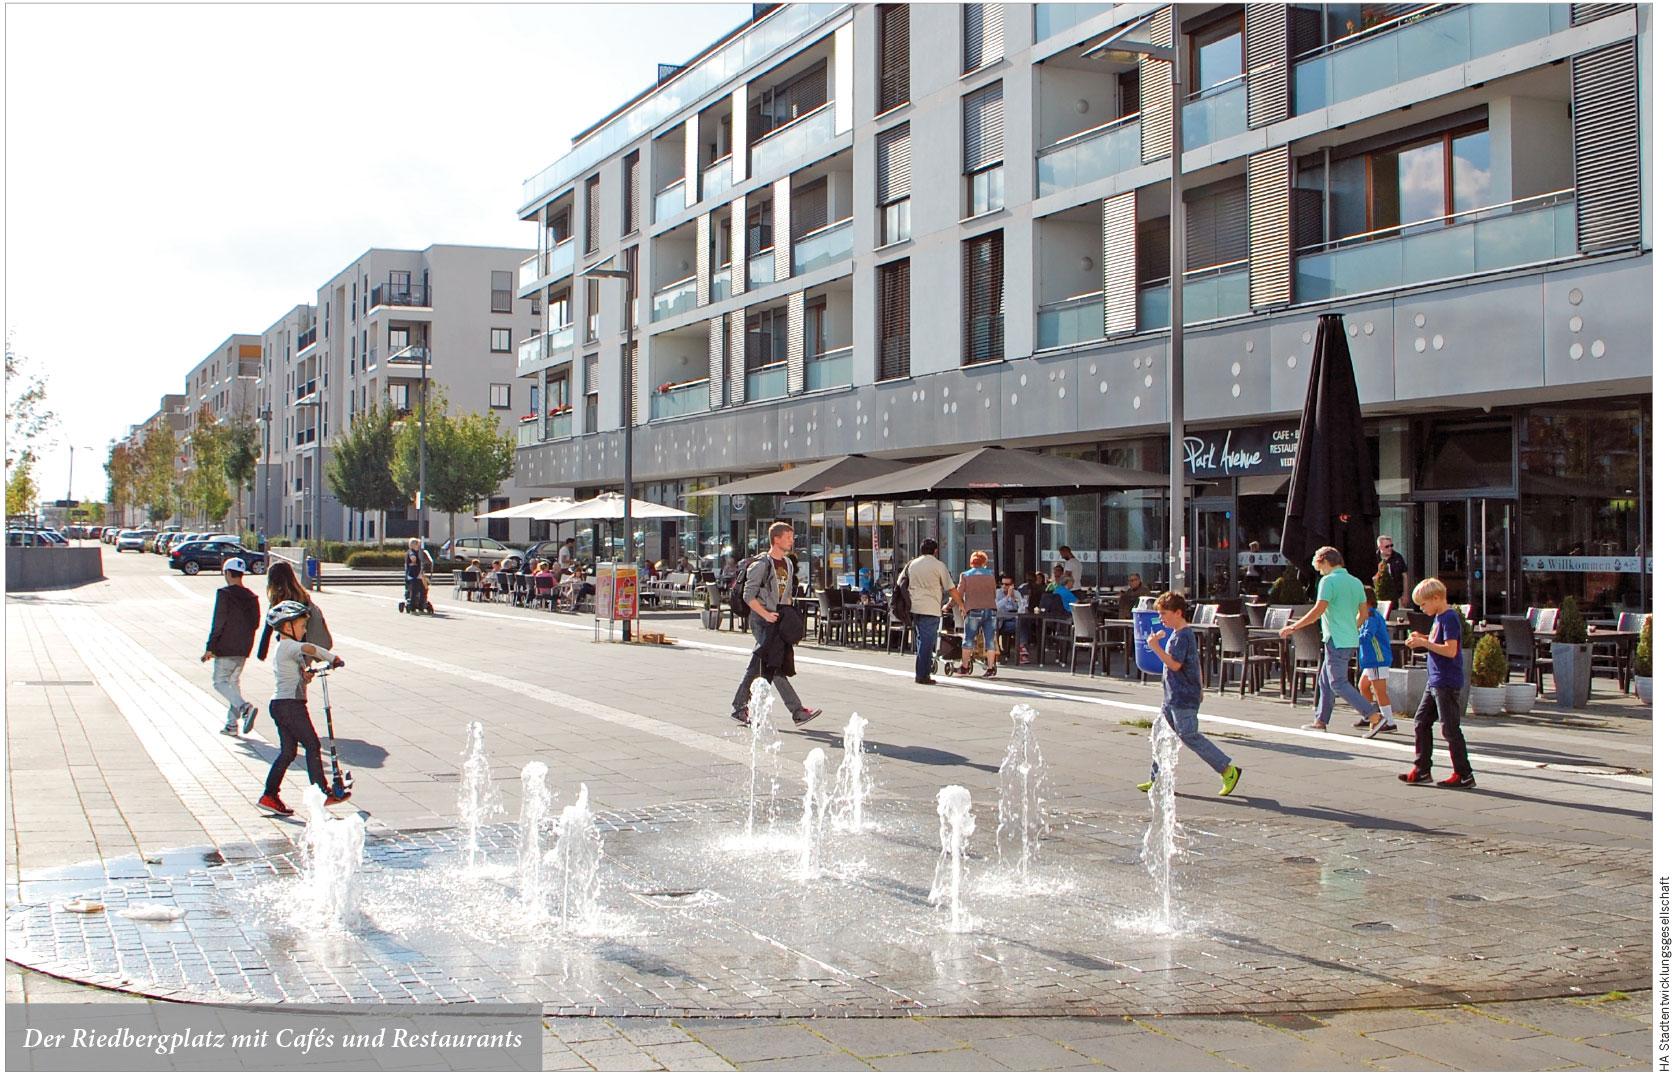 Der Riedbergplatz mit Cafés und Restaurants